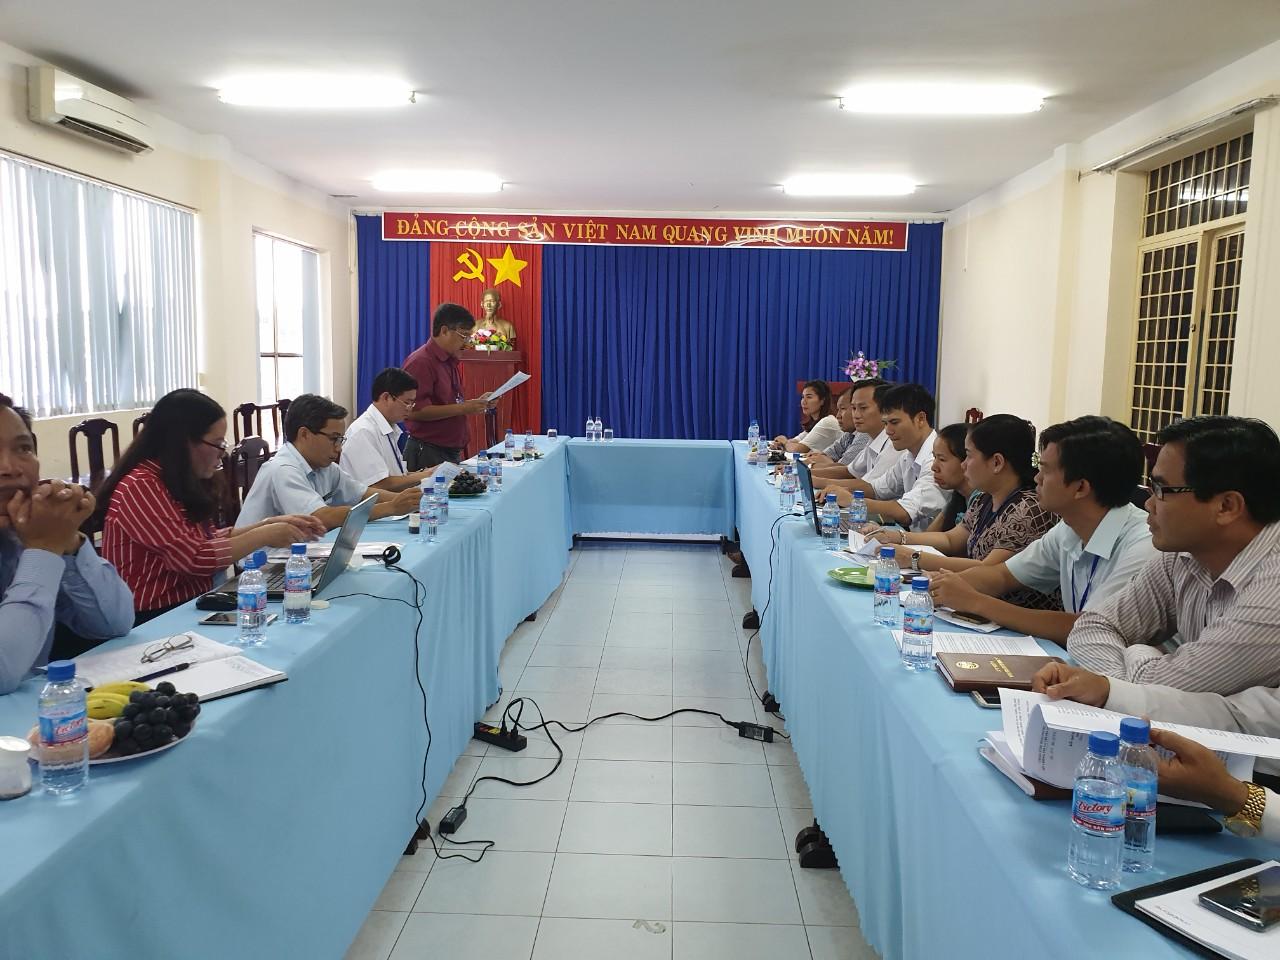 Sở Thông tin và Truyền thông tiếp Đoàn kiểm tra cải cách hành chính tỉnh